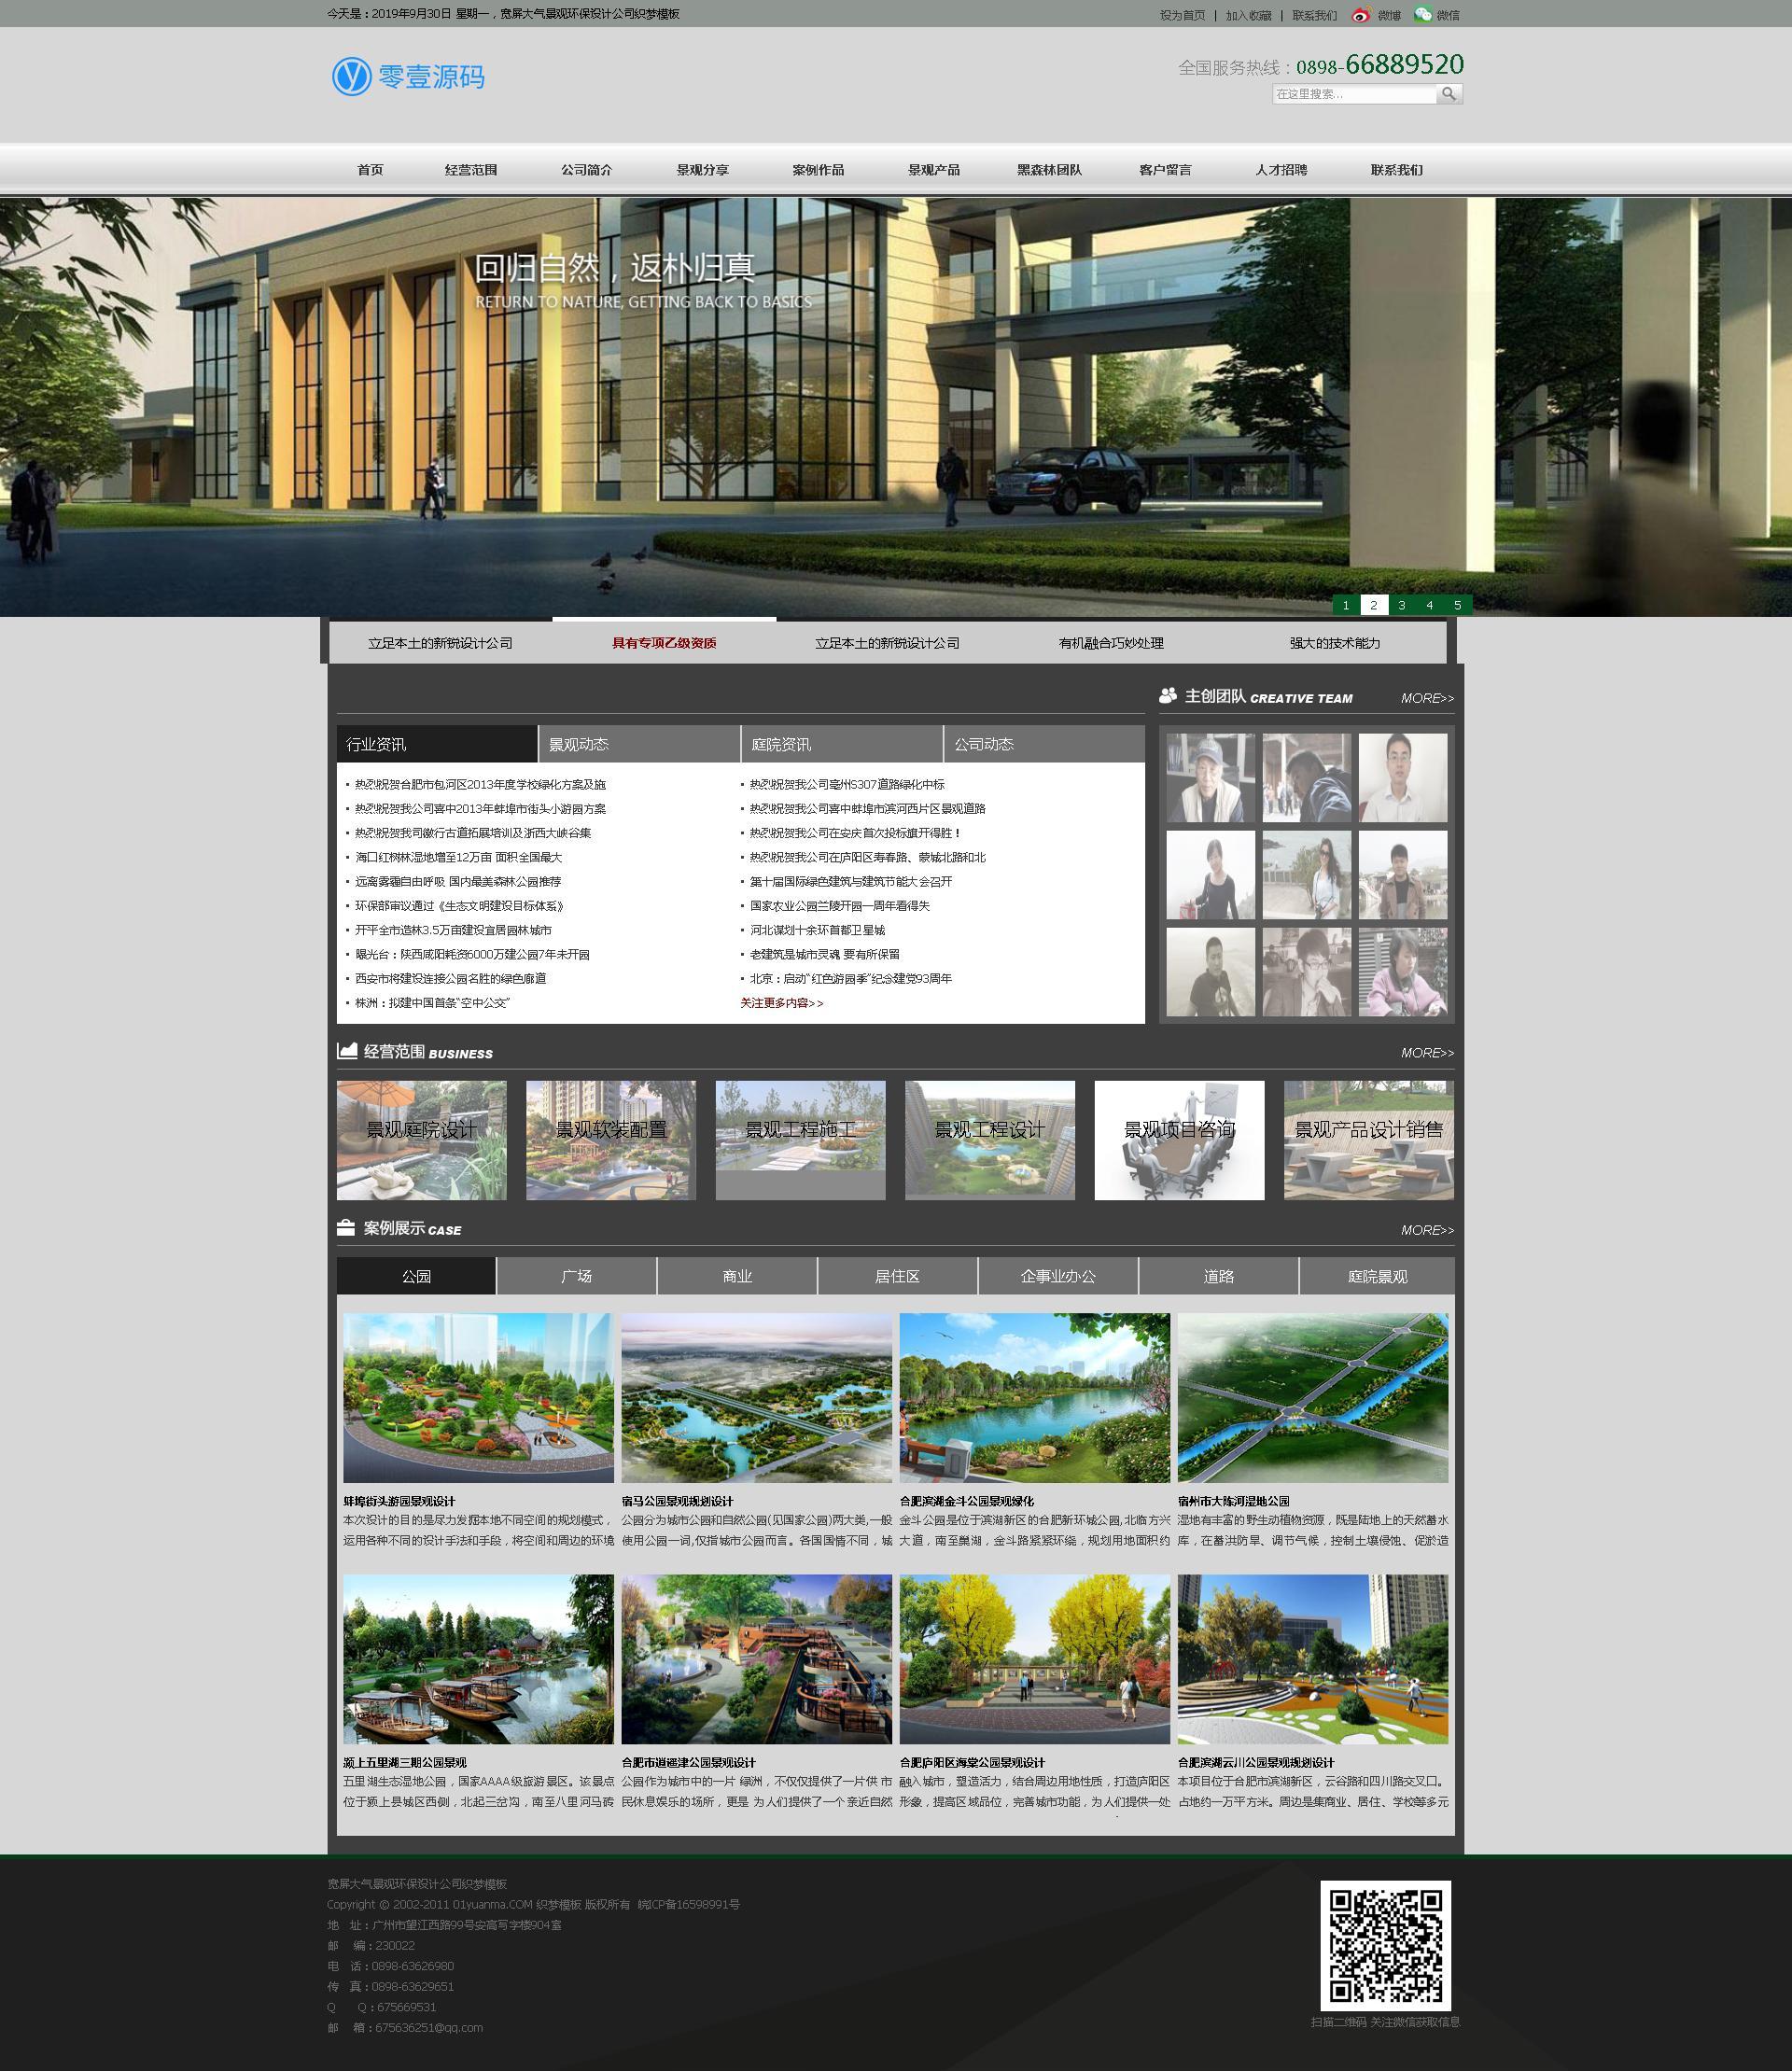 宽屏大气景观环保设计公司织梦dedecms模板